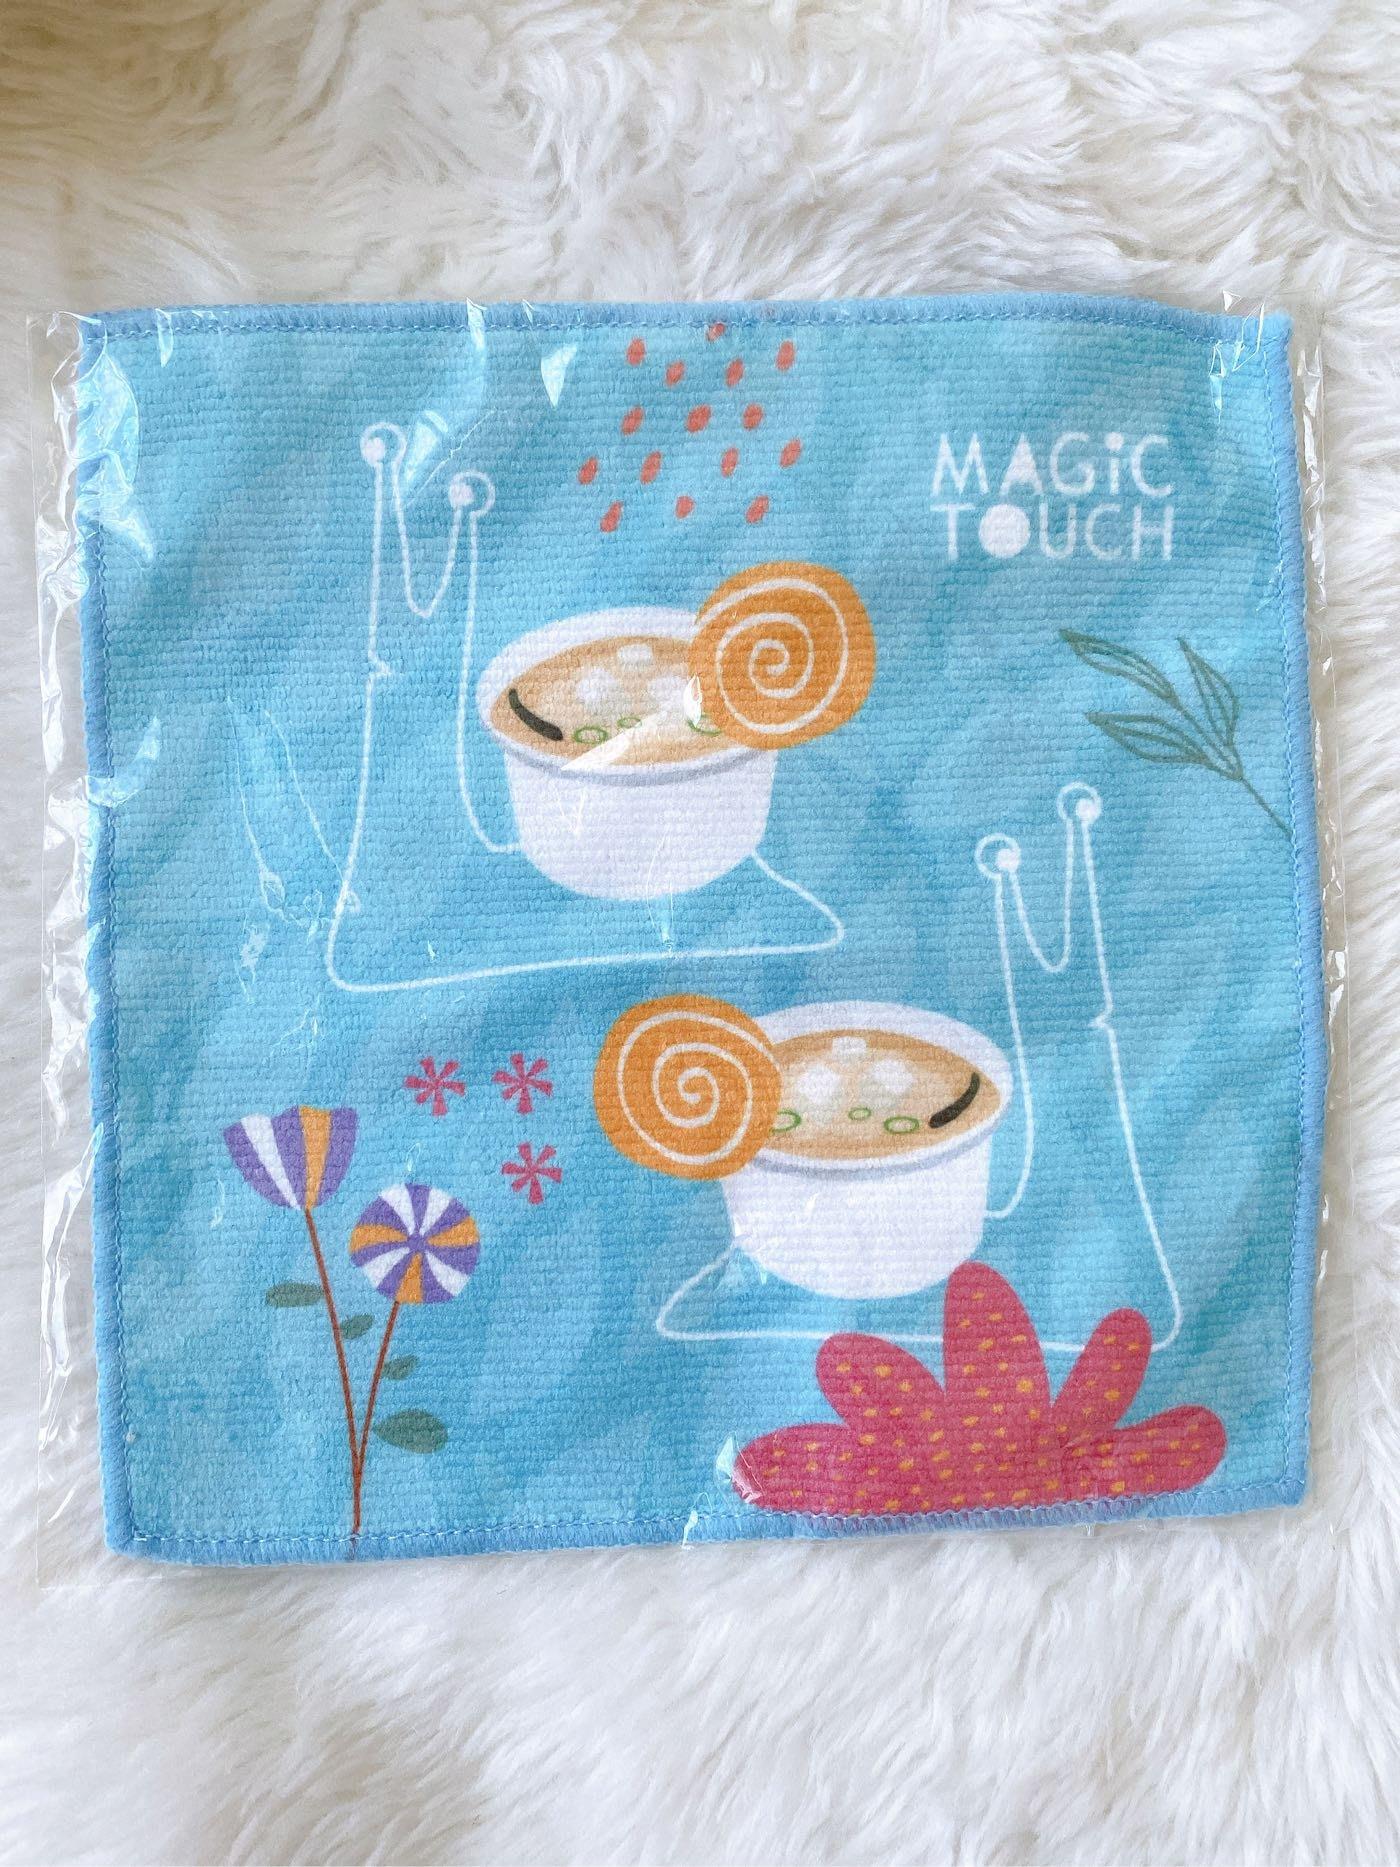 點爭鮮 爭鮮 Magic Touch 小方巾 擦手巾 擦汗巾 手帕